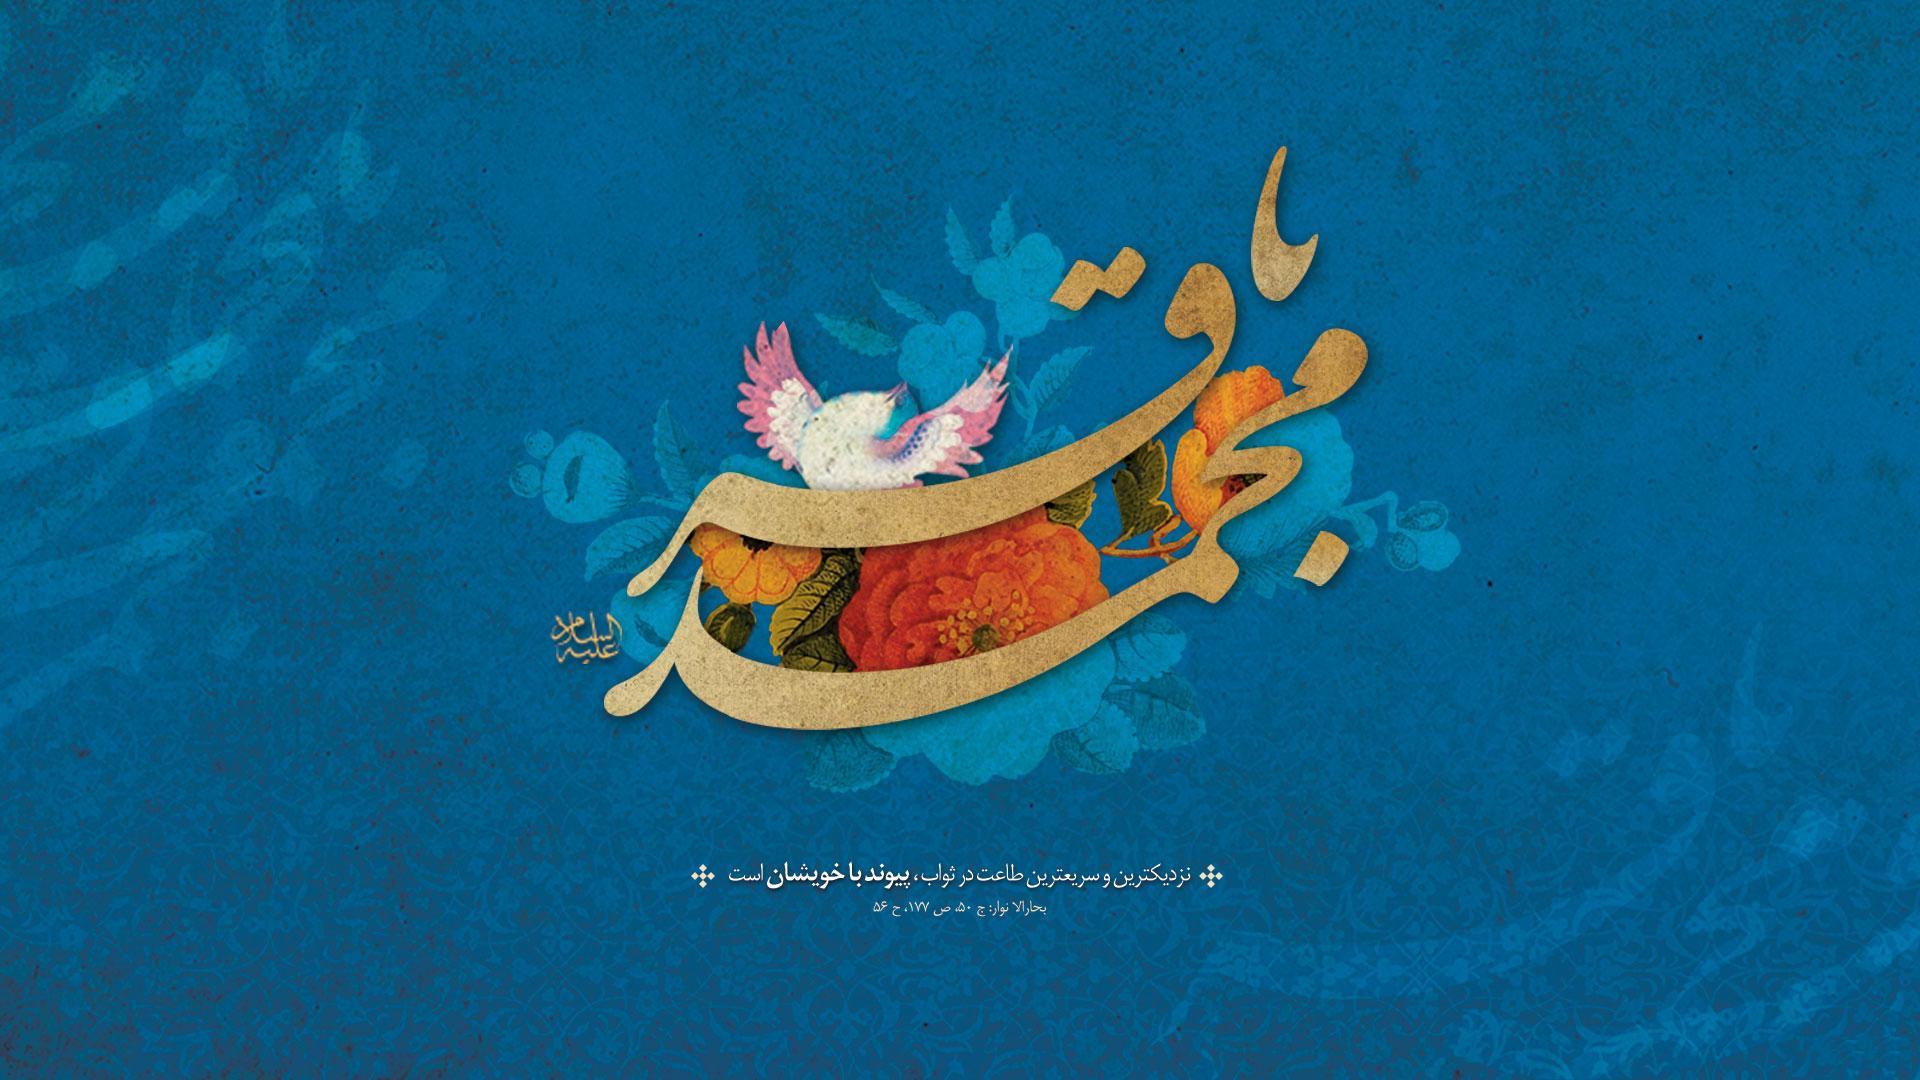 ولادت یادگار چهار ساله کربلا/ شبیهترین فرد از ائمه اطهار (ع) به پیامبر اکرم چه کسی بود؟